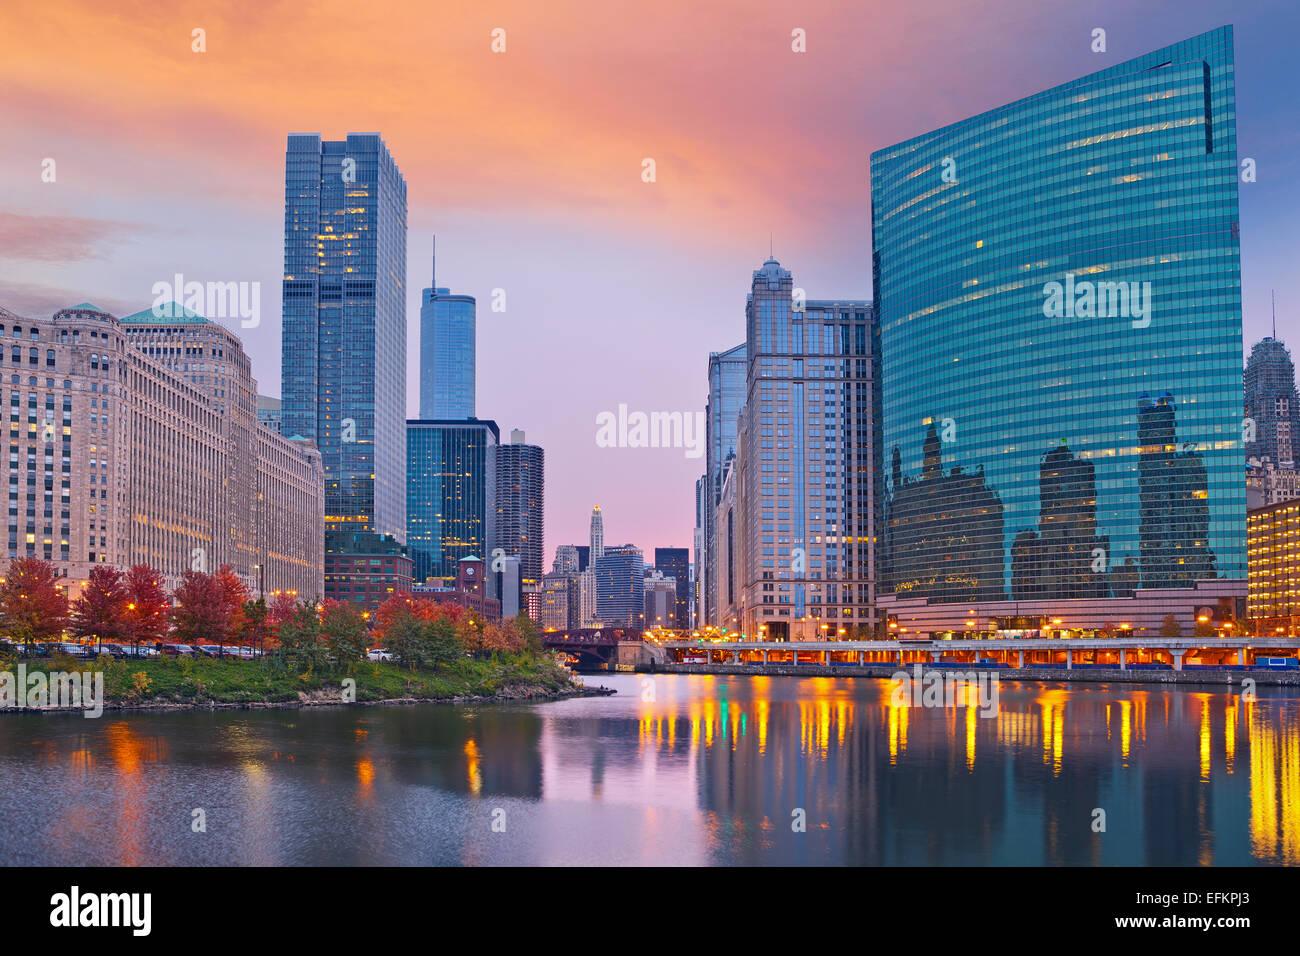 Chicago. L'image de la ville de Chicago pendant le coucher du soleil. Photo Stock